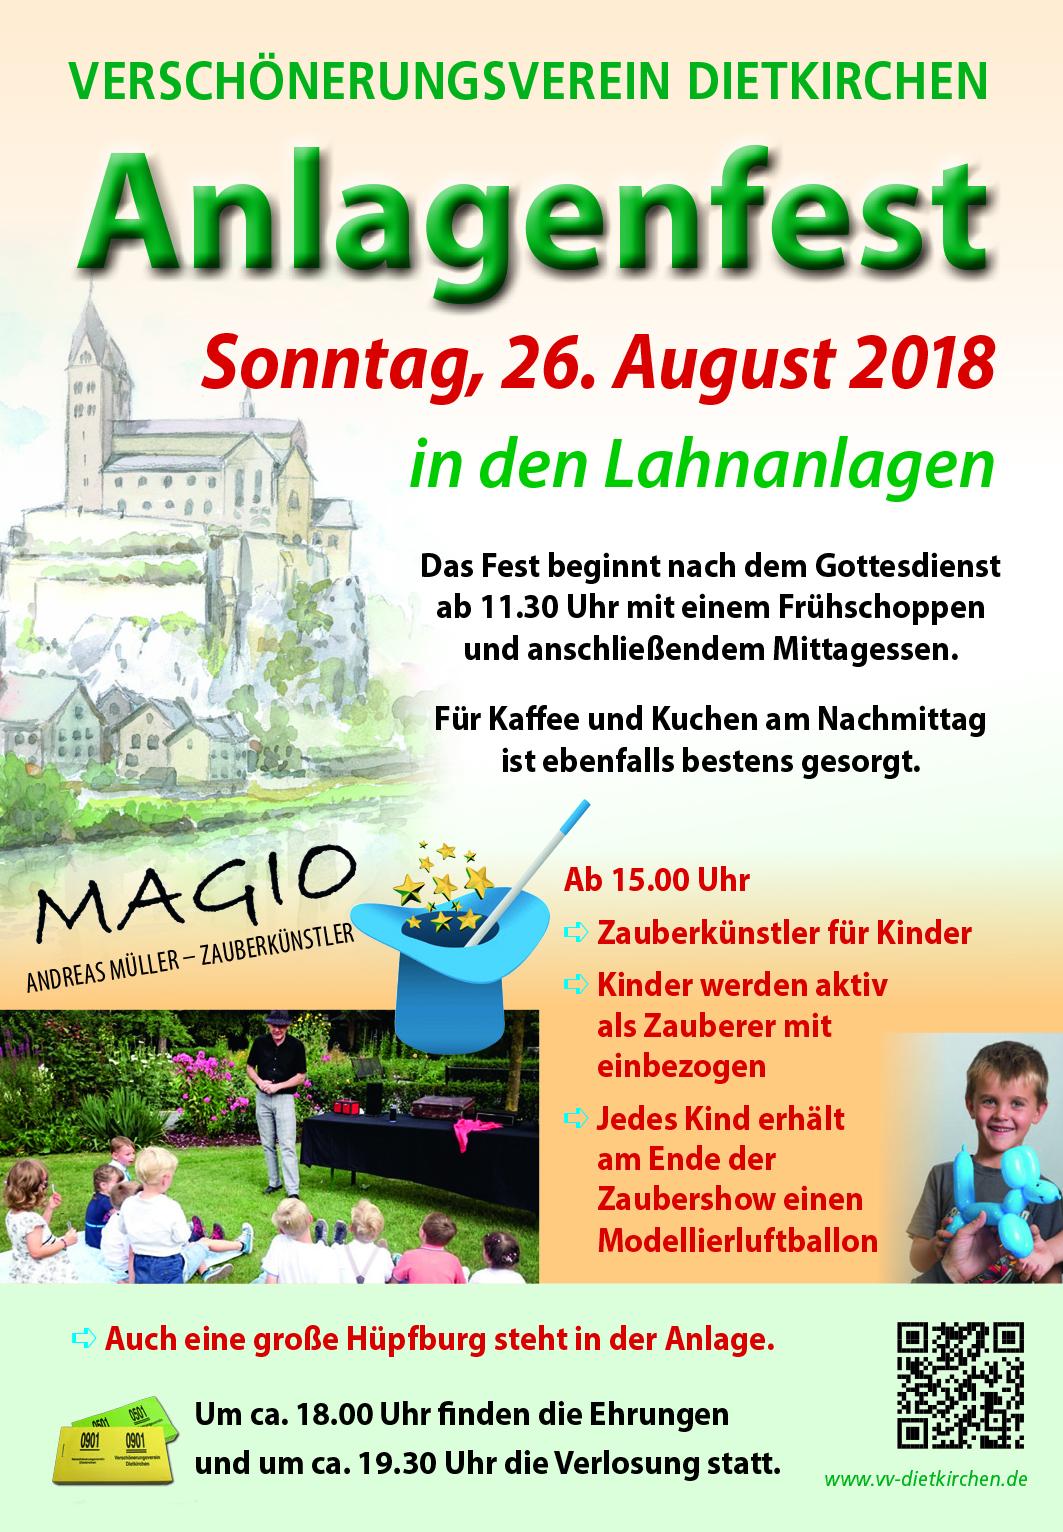 26. August 2018 Anlagenfest